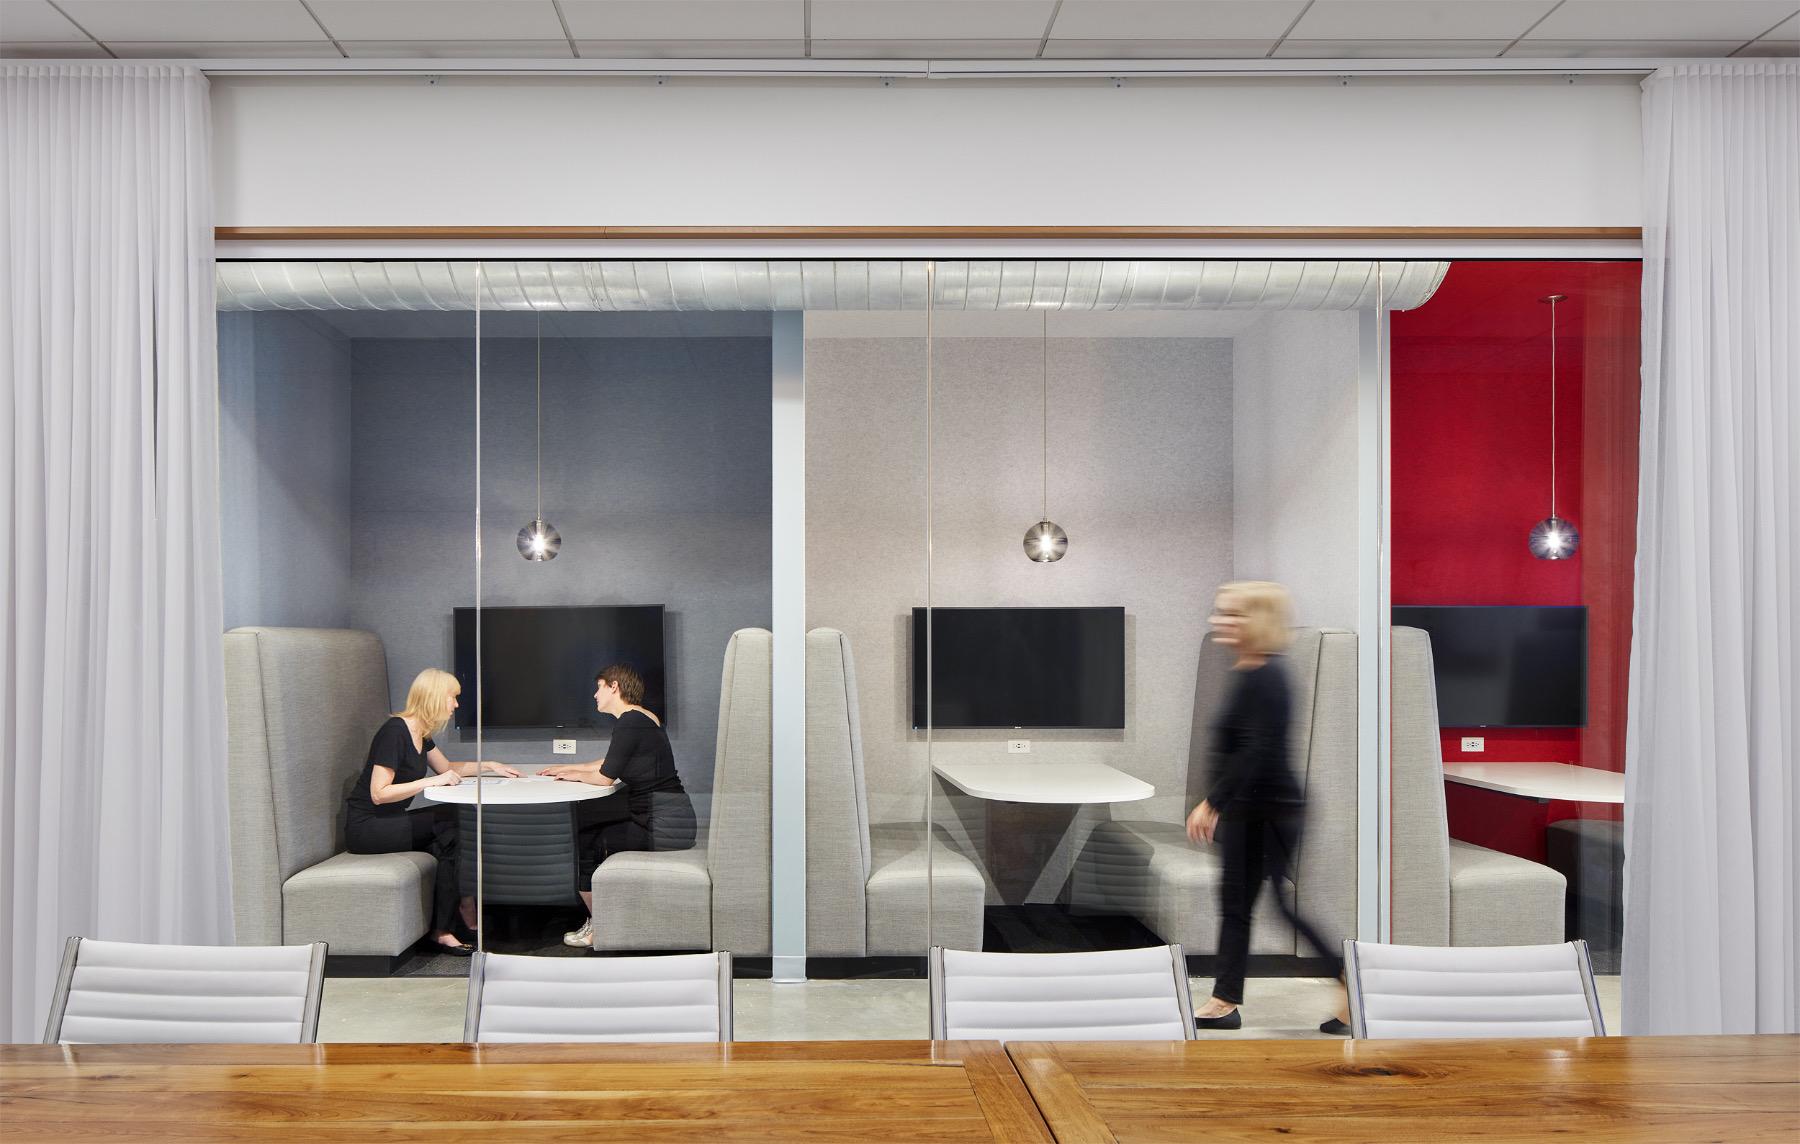 skykit-minneapolis-office-11